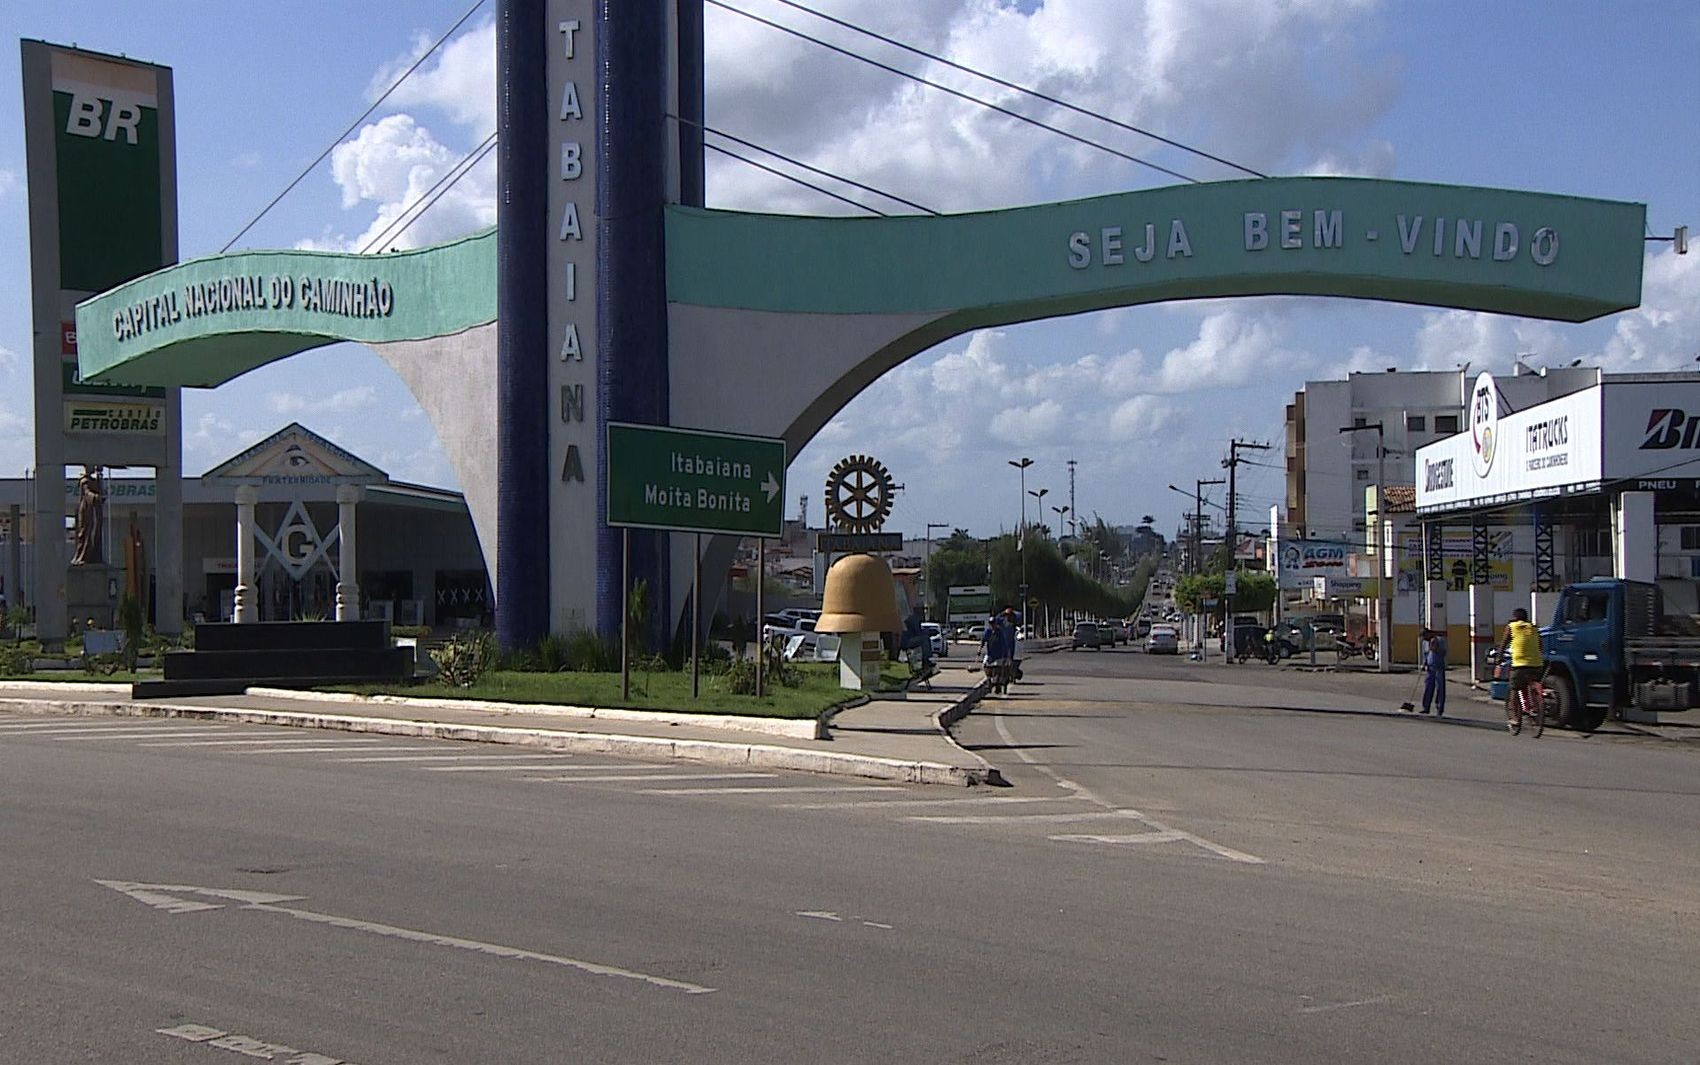 Homem é preso suspeito de invadir loja no município de Itabaiana - Notícias - Plantão Diário